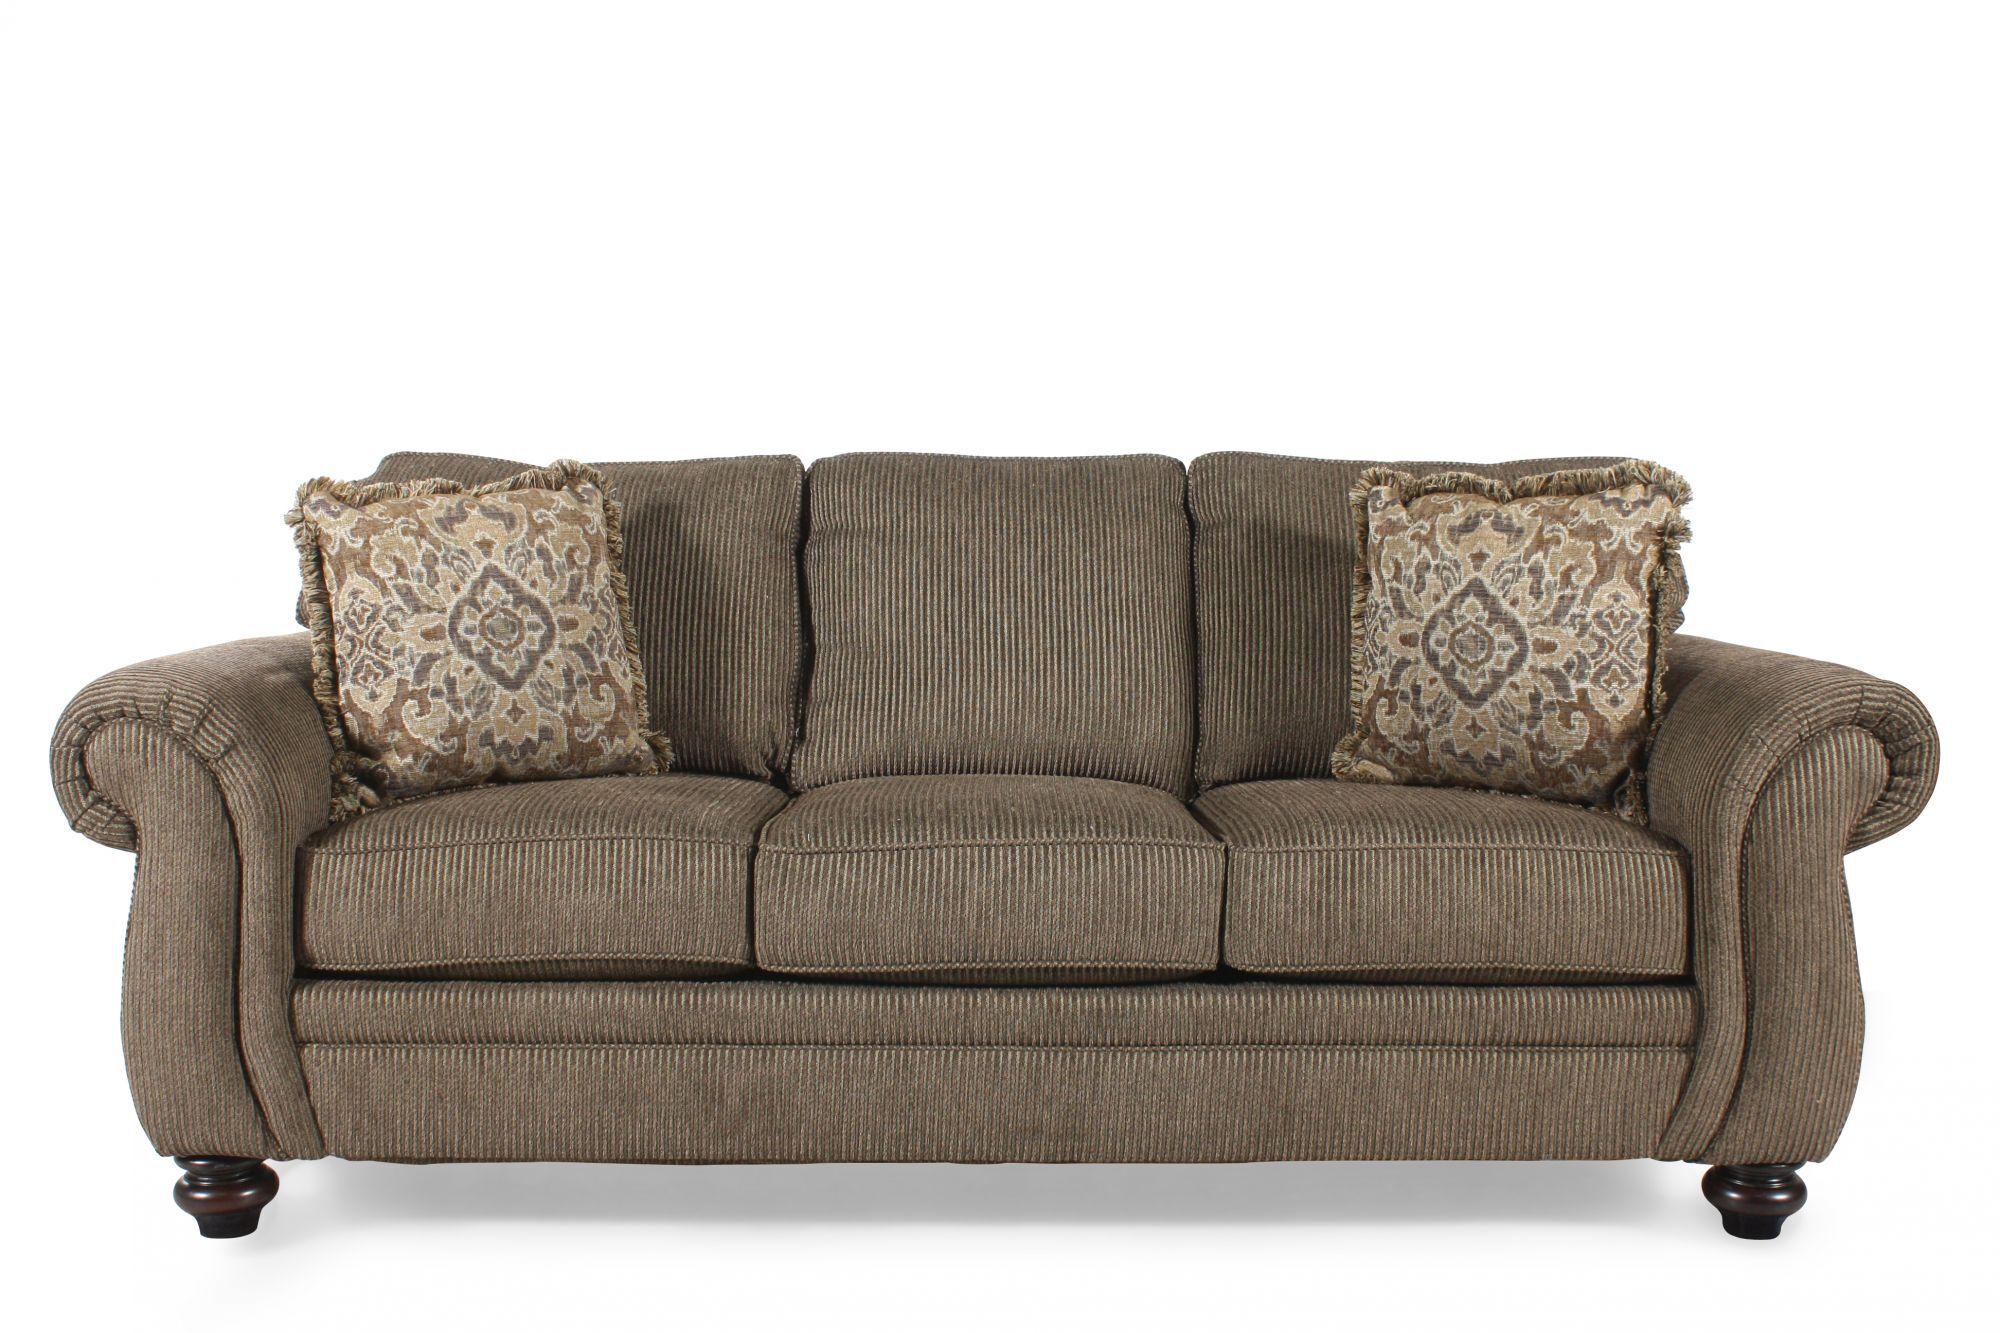 Corduroy 89 Queen Sleeper Sofa In Teak Mathis Brothers